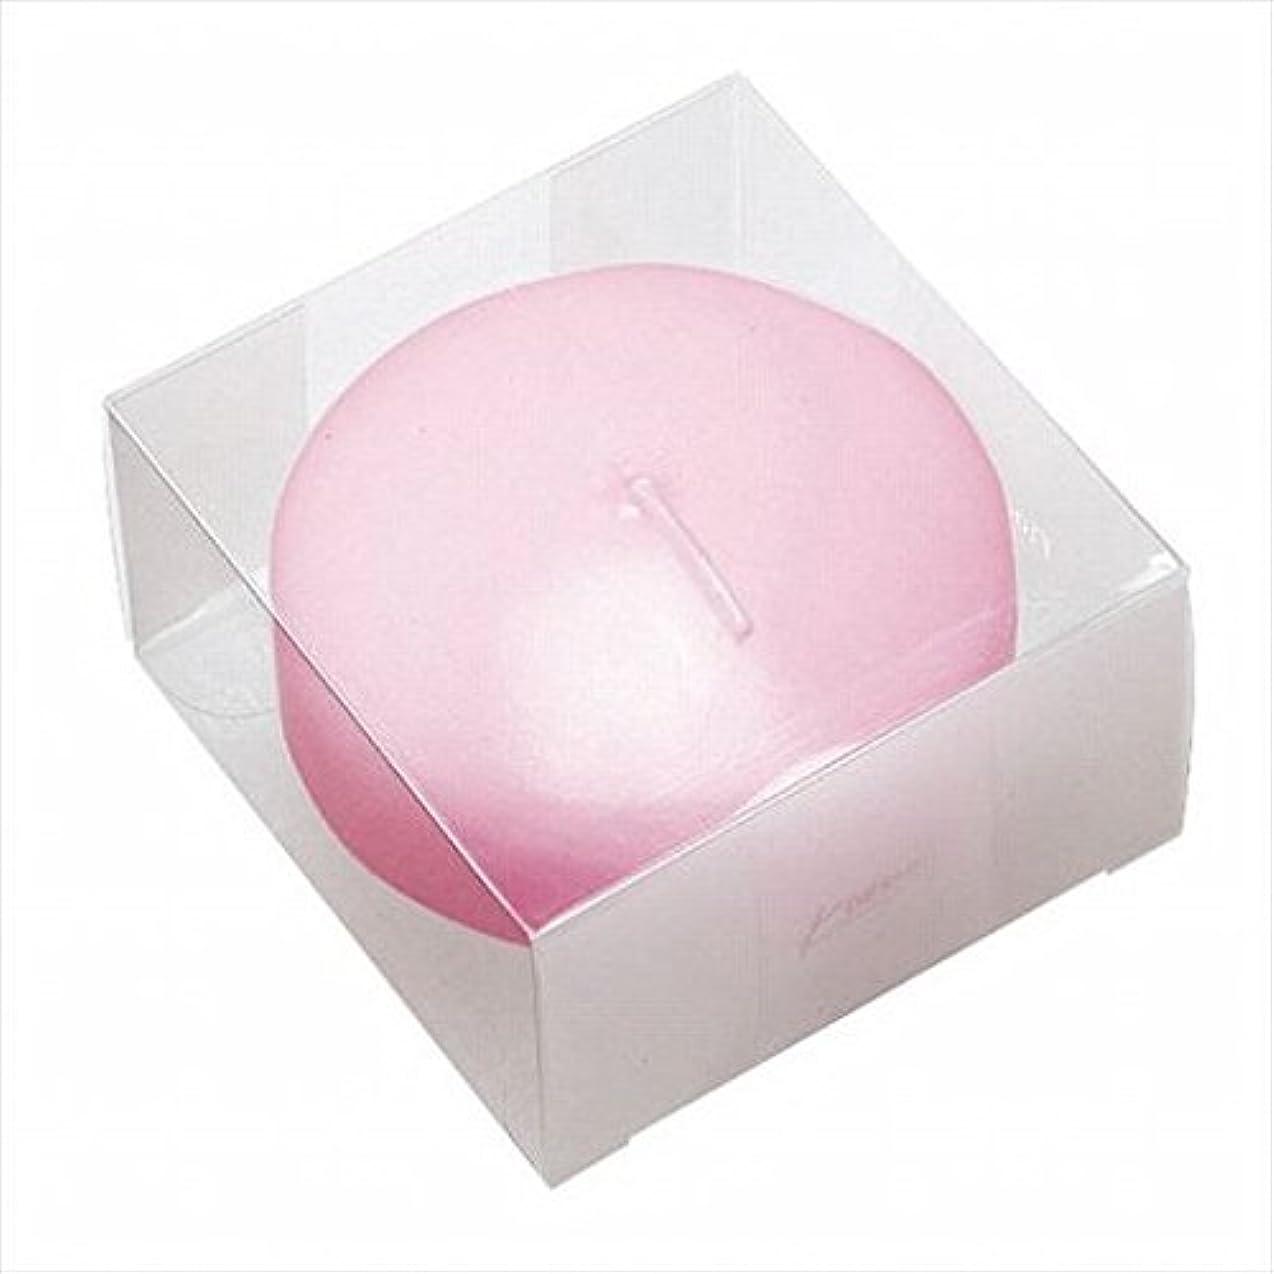 家事をするリンケージ重さkameyama candle(カメヤマキャンドル) プール80(箱入り) 「 ピンク 」 キャンドル 80x80x45mm (A7069060)